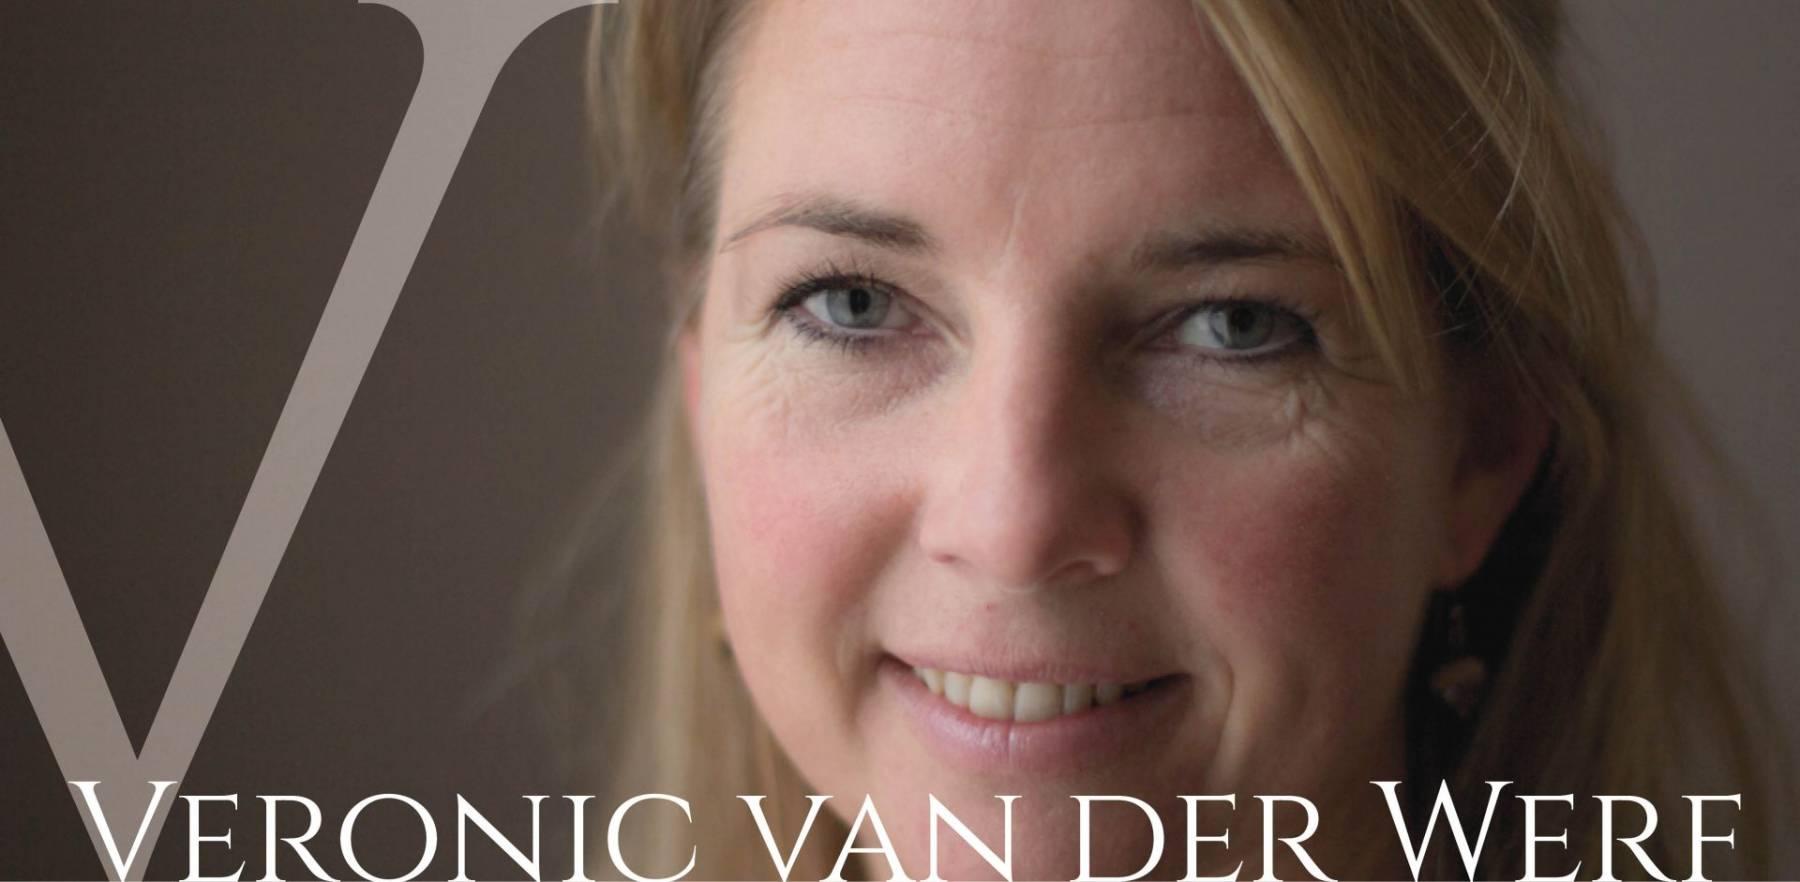 Veronic van der Werf